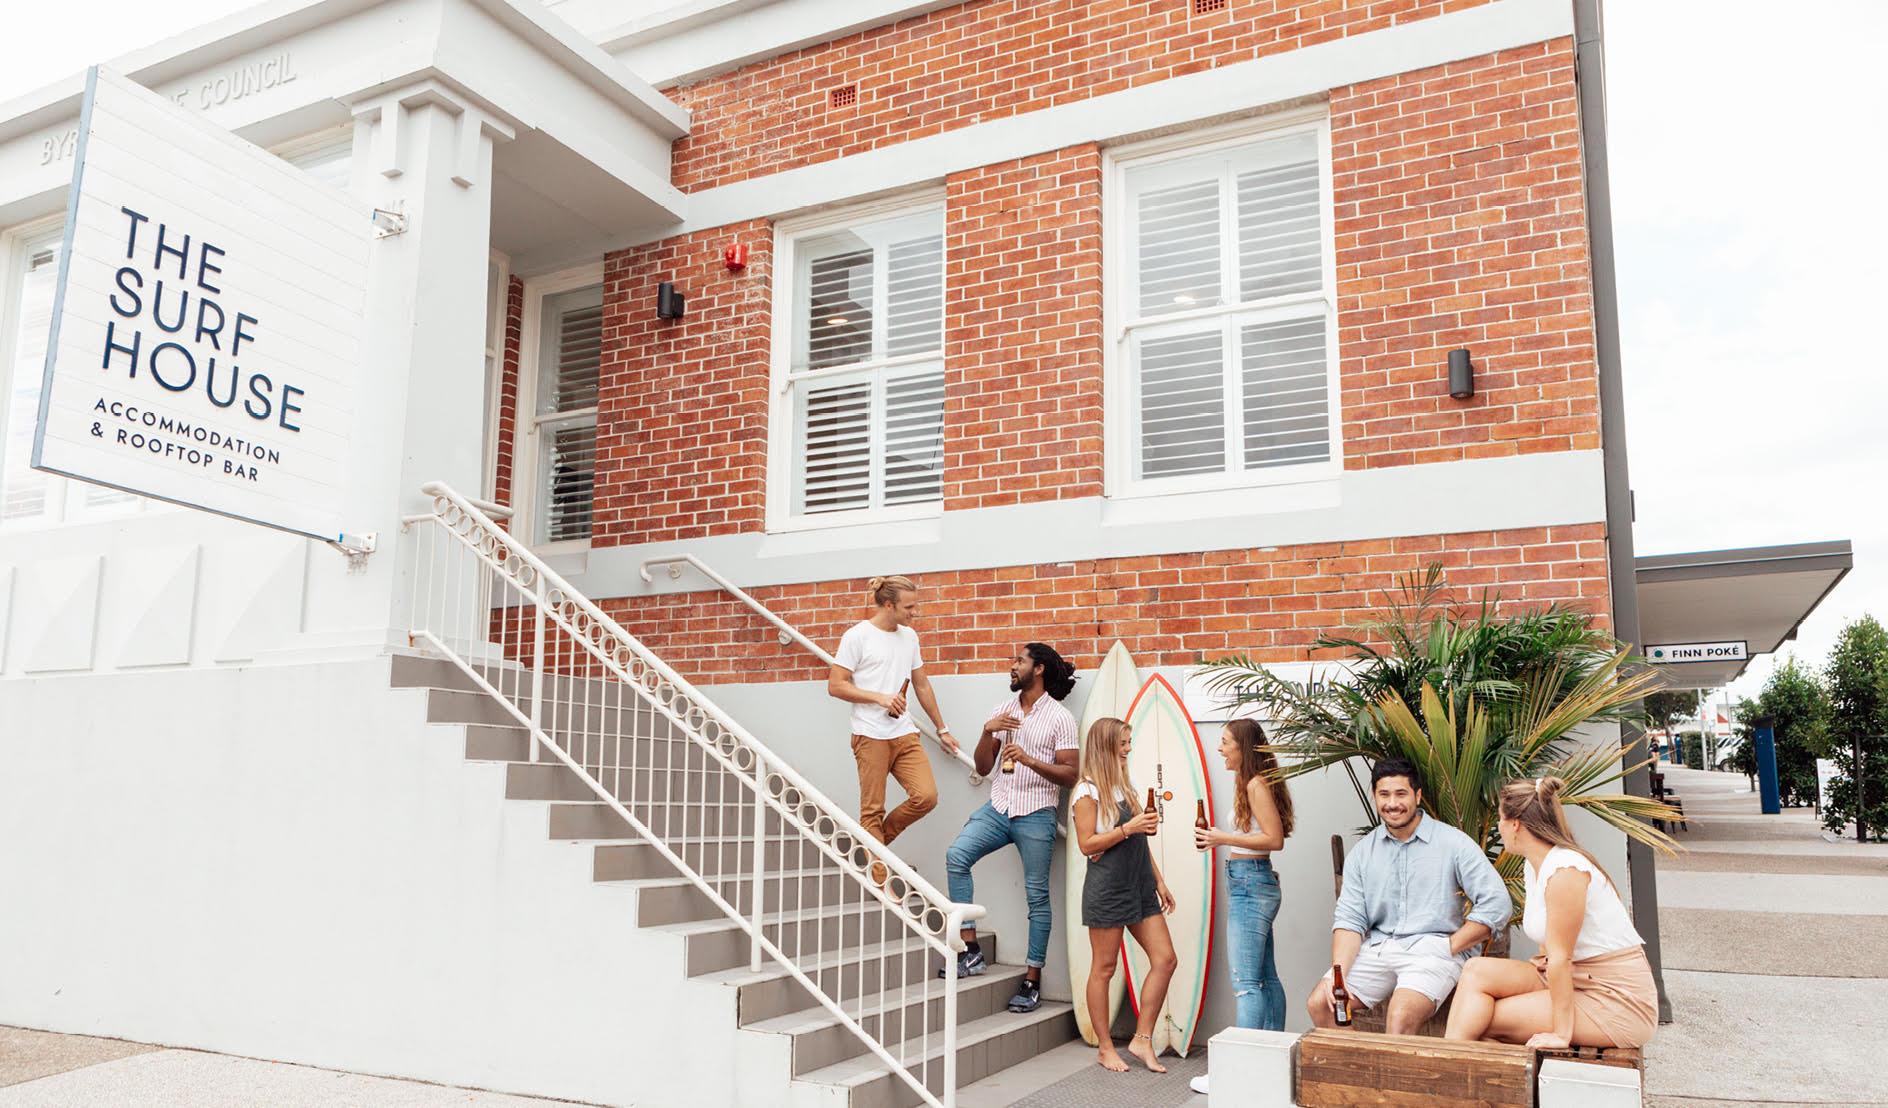 The Surf House Facade